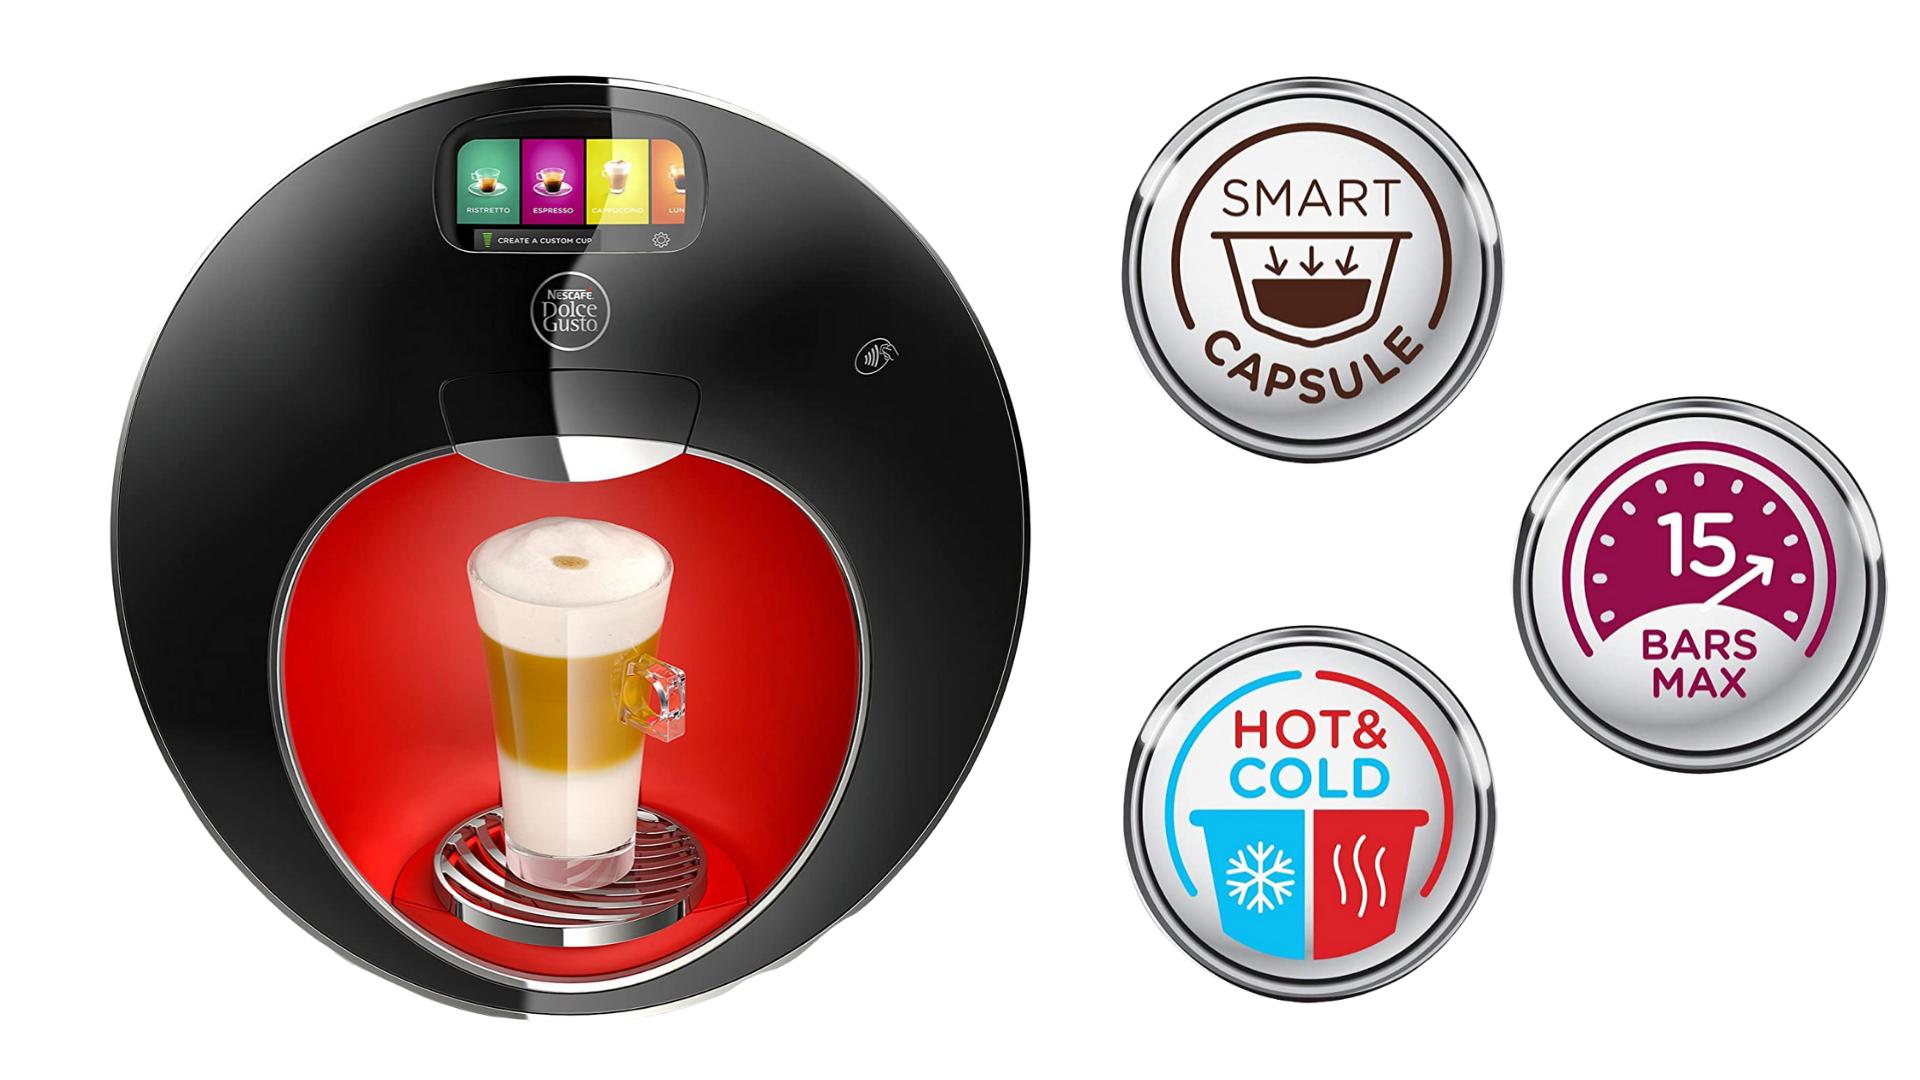 Nescafe best latte machine